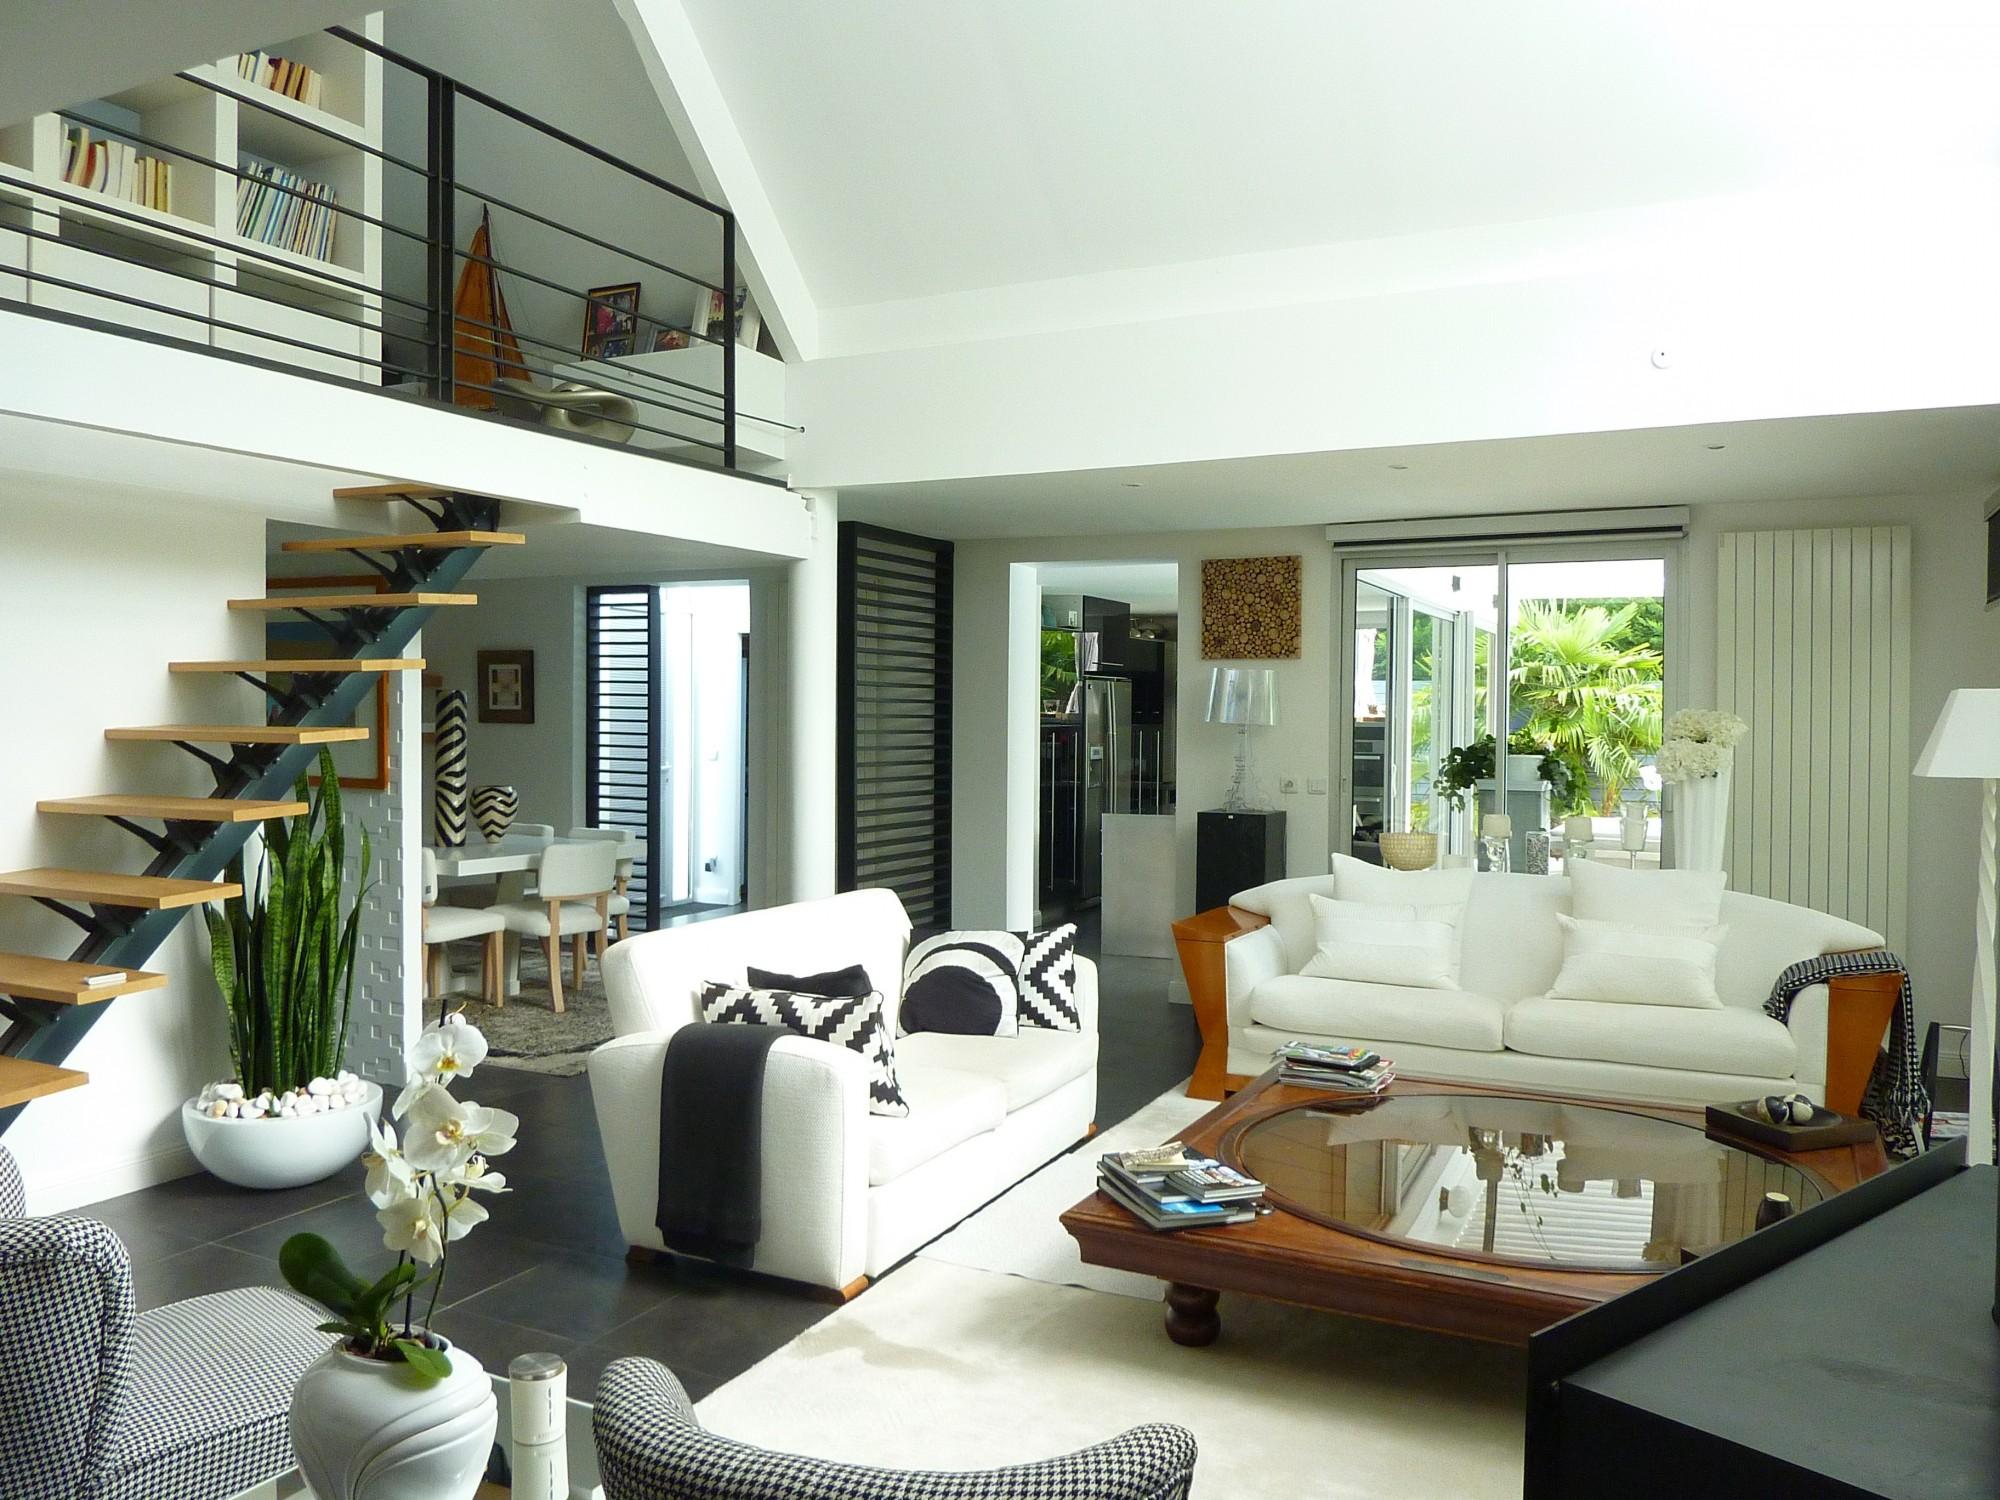 vendu arcachon moulleau abatilles villa d 39 architecte. Black Bedroom Furniture Sets. Home Design Ideas